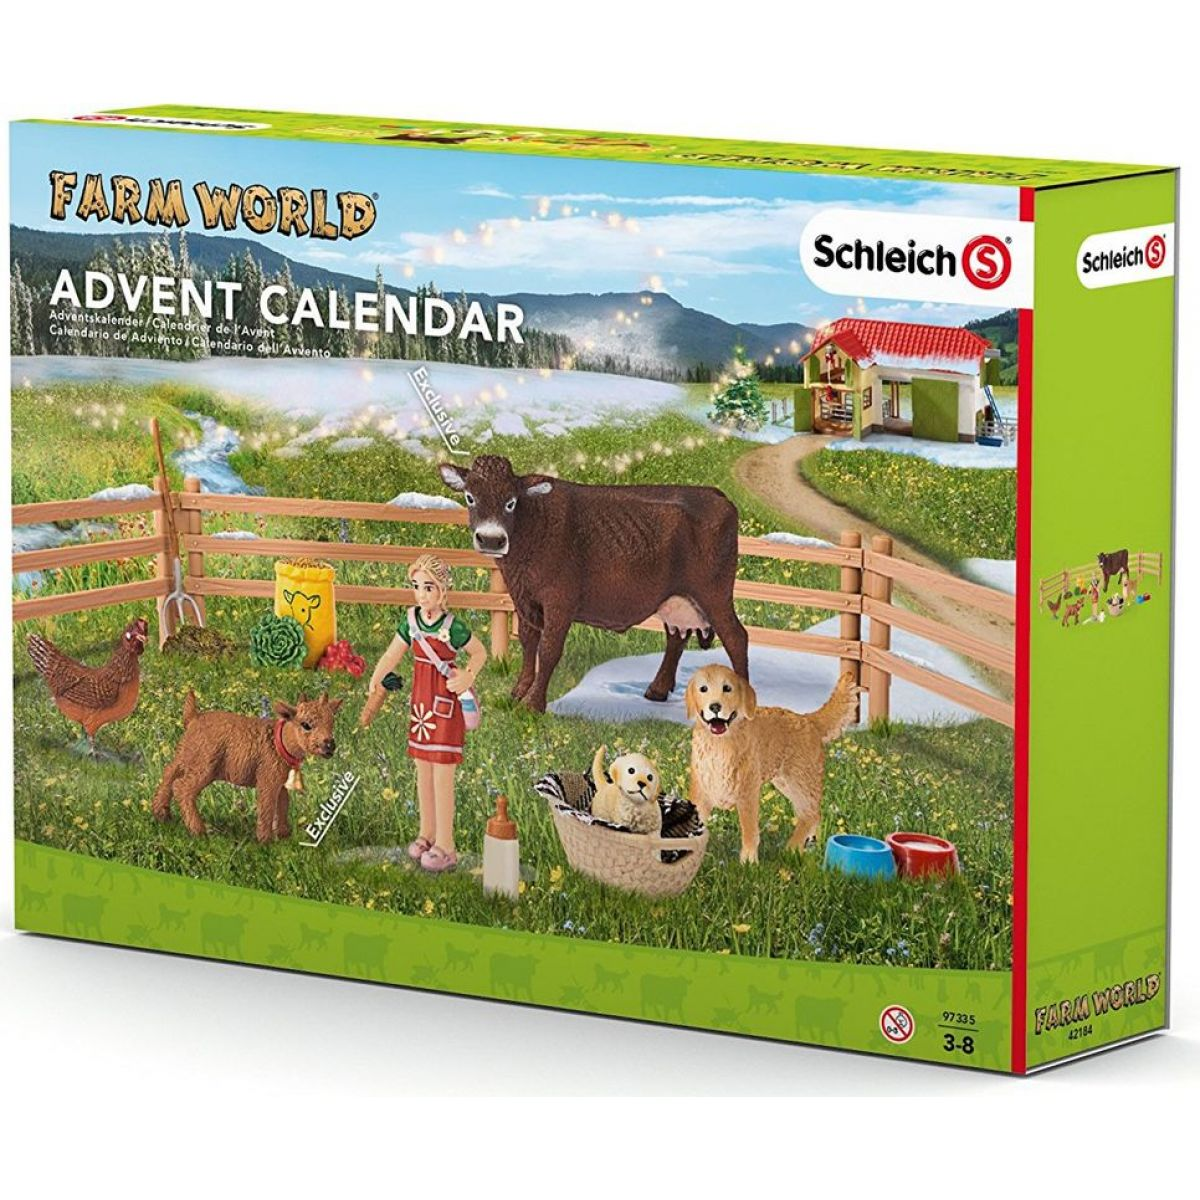 Schleich 97335 Adventní kalendář 2016 Domácí zvířata